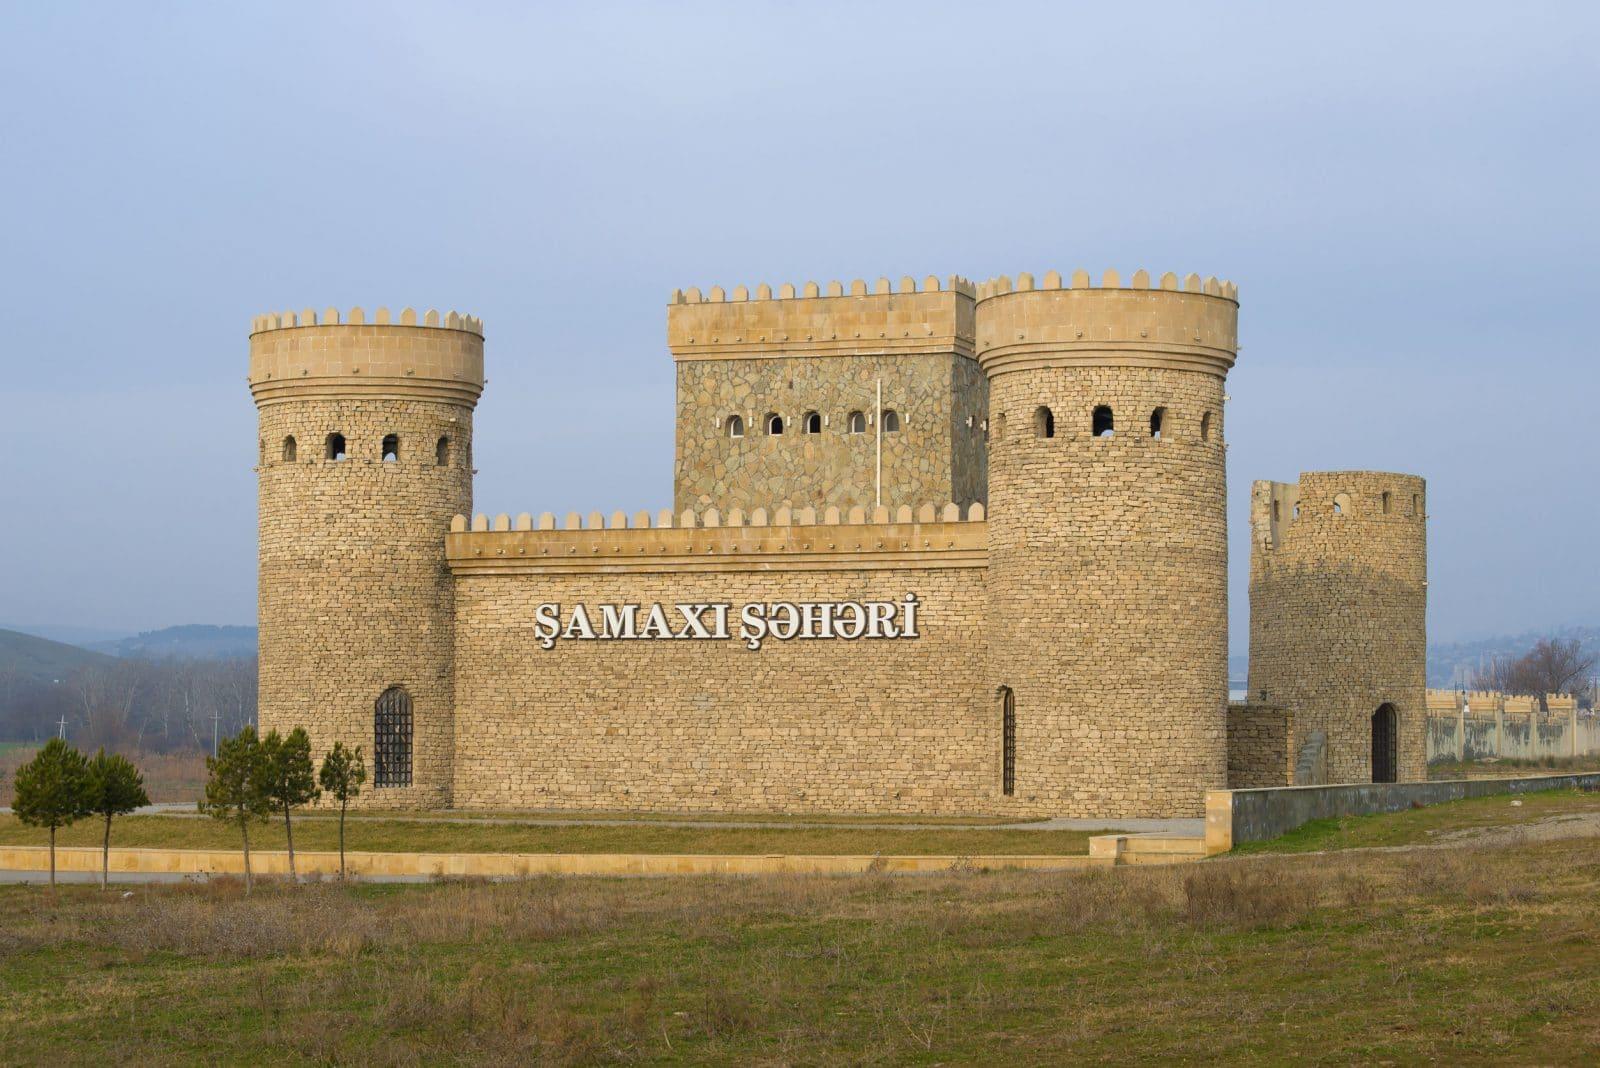 Historia do Azerbaijao